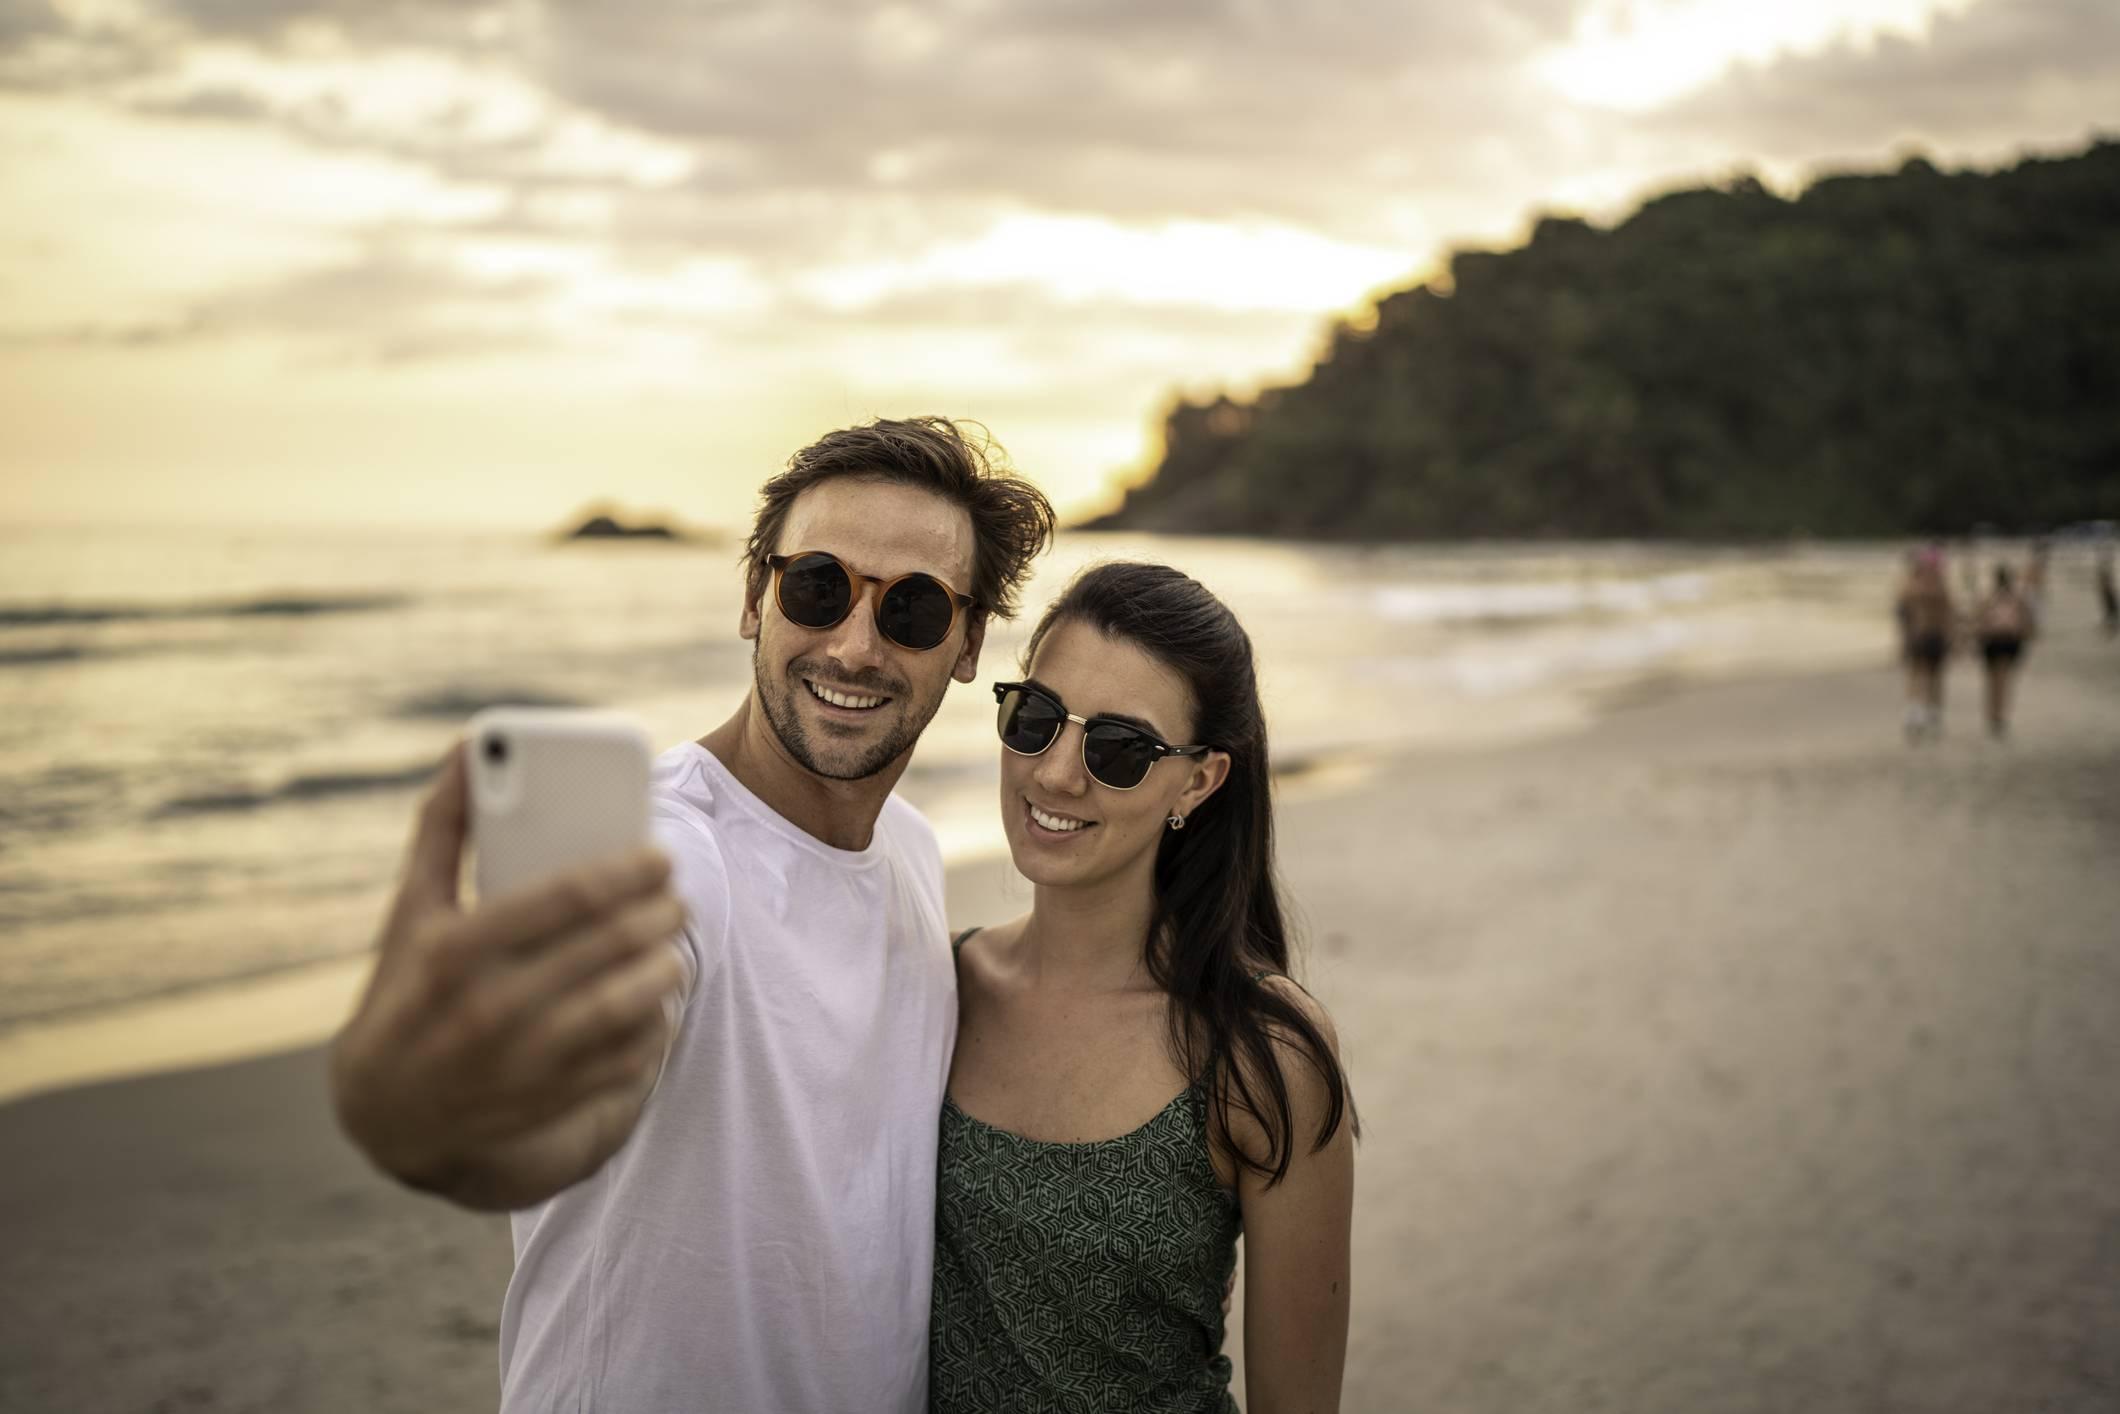 www.juicysantos.com.br - status de relacionamento casado no facebook